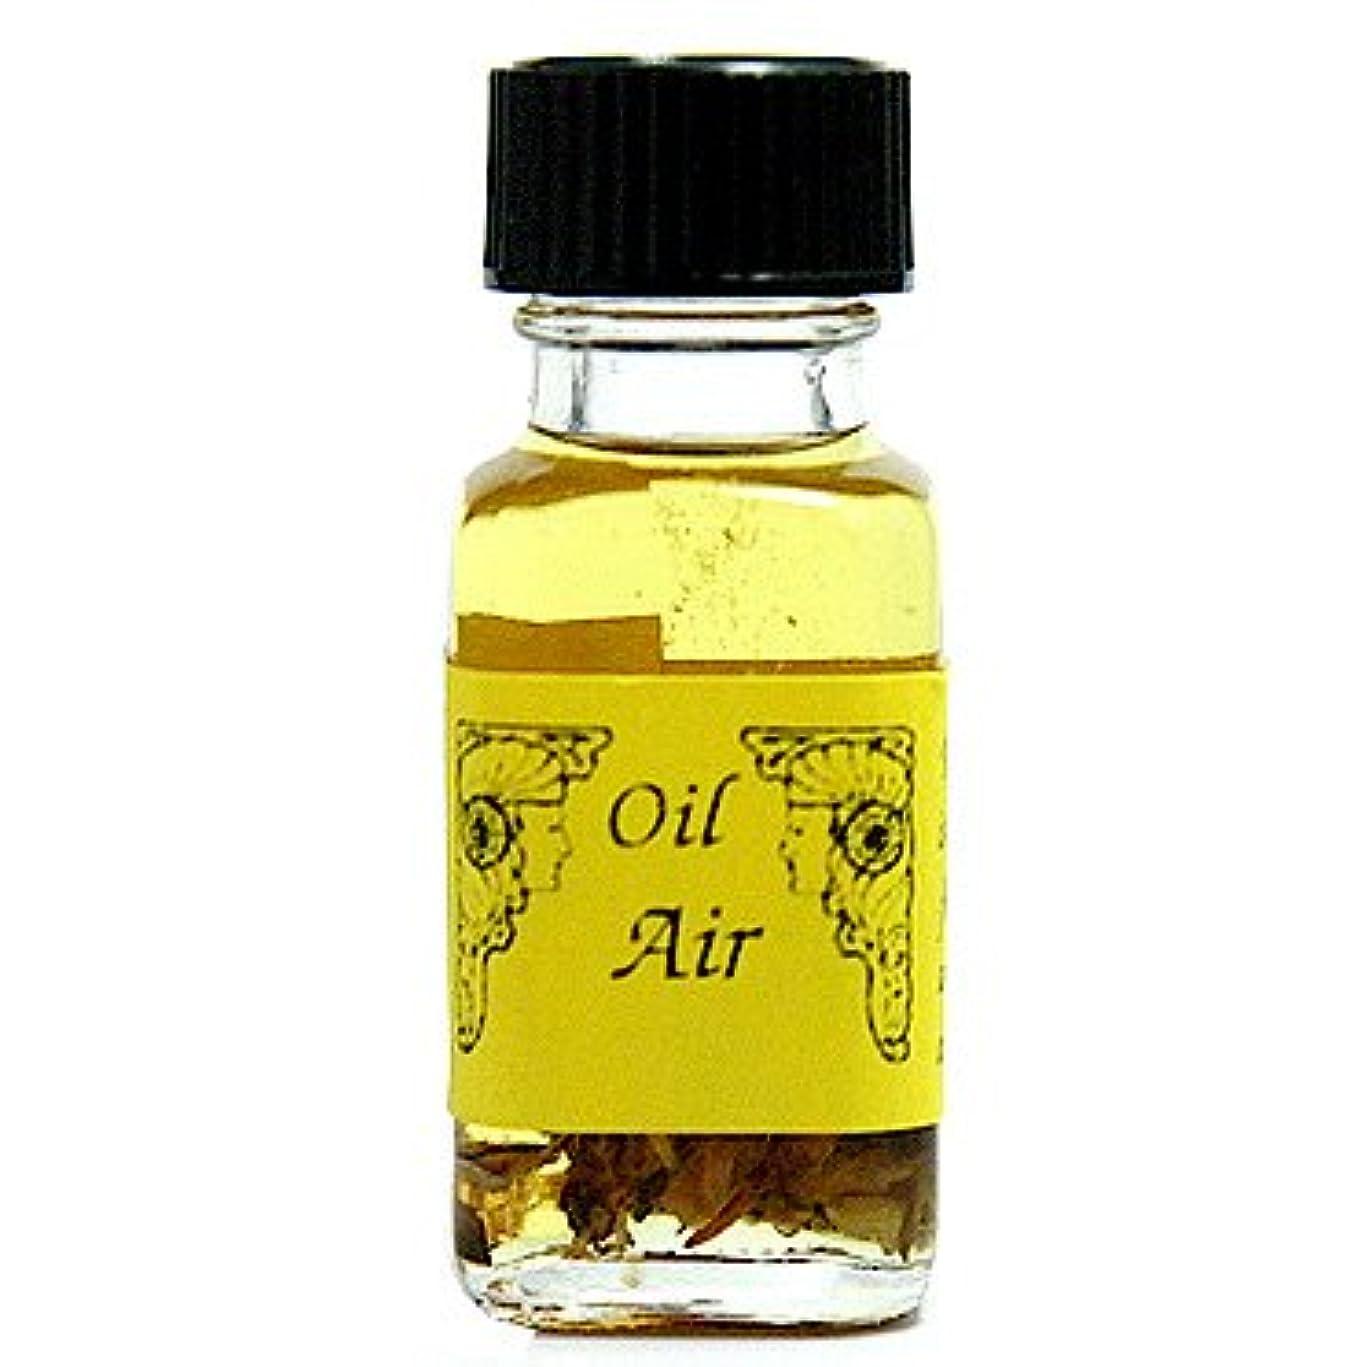 誤忙しい合わせてアンシェントメモリーオイル エアー (風) 15ml (Ancient Memory Oils)